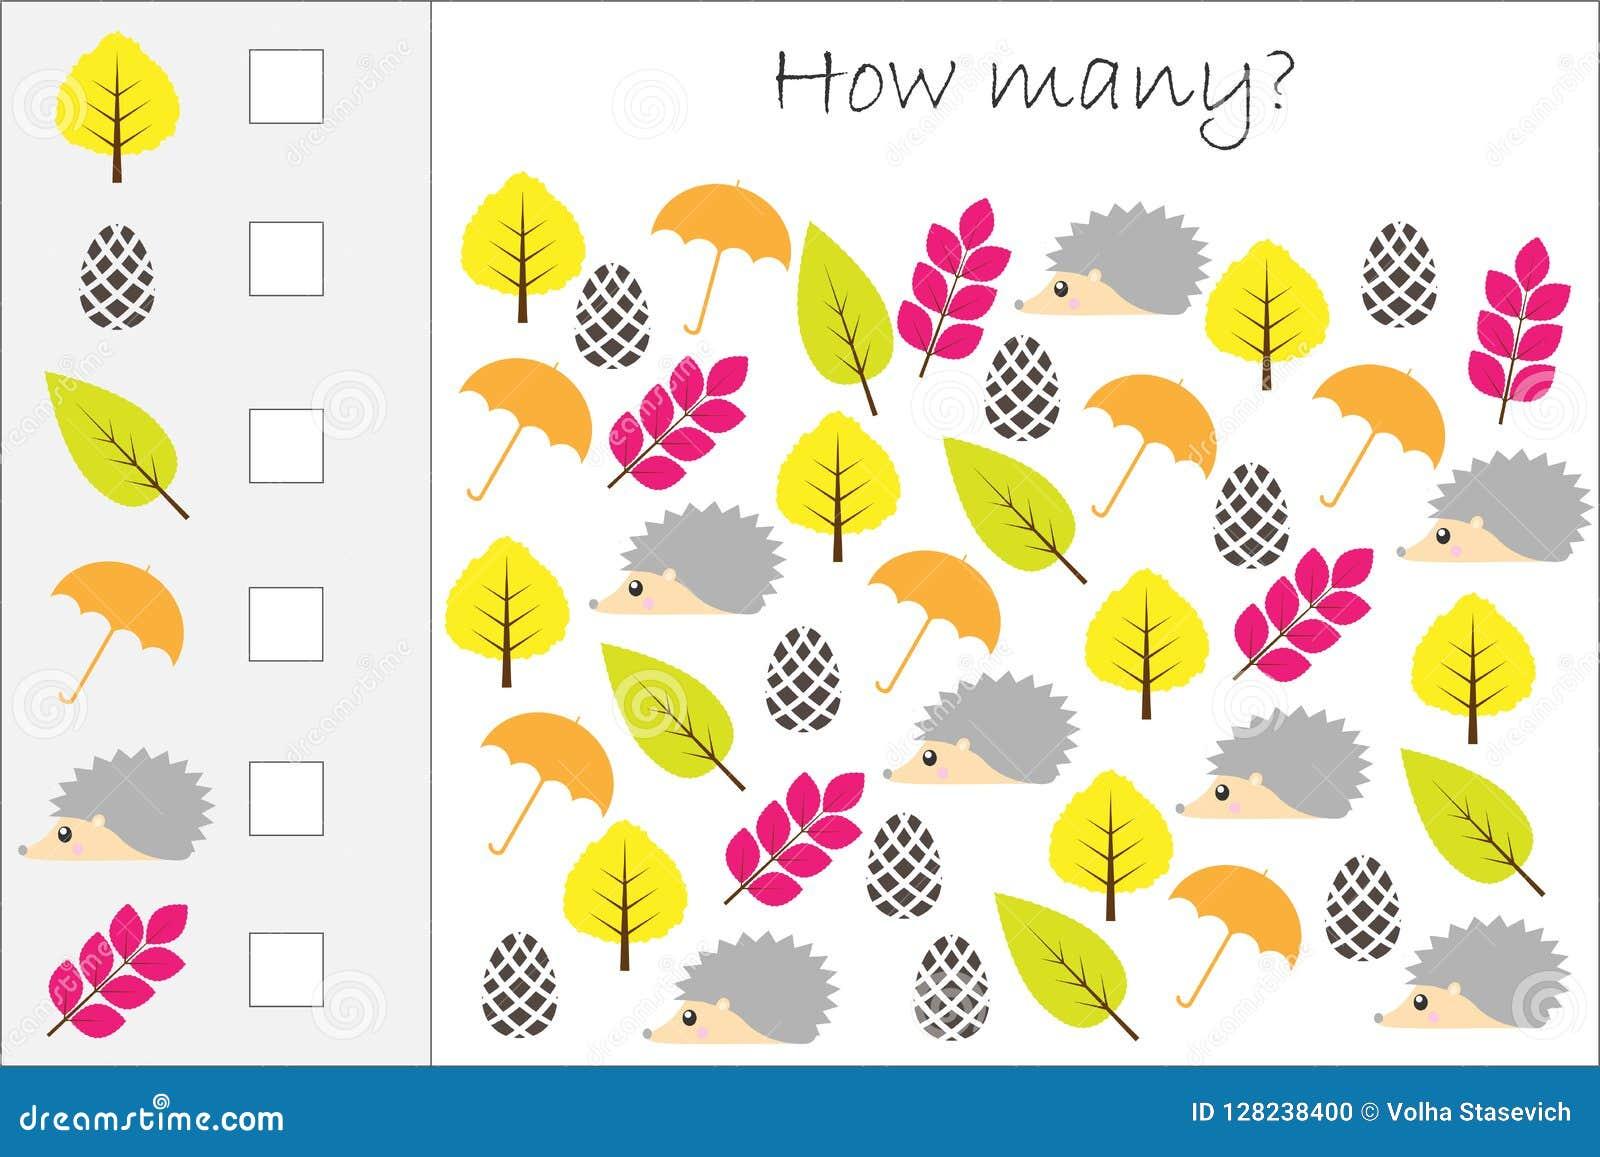 Πόσοι μετρώντας παιχνίδι με τις εικόνες φθινοπώρου για τα παιδιά, εκπαιδευτικός στόχος μαθηματικών για την ανάπτυξη της λογικής σ